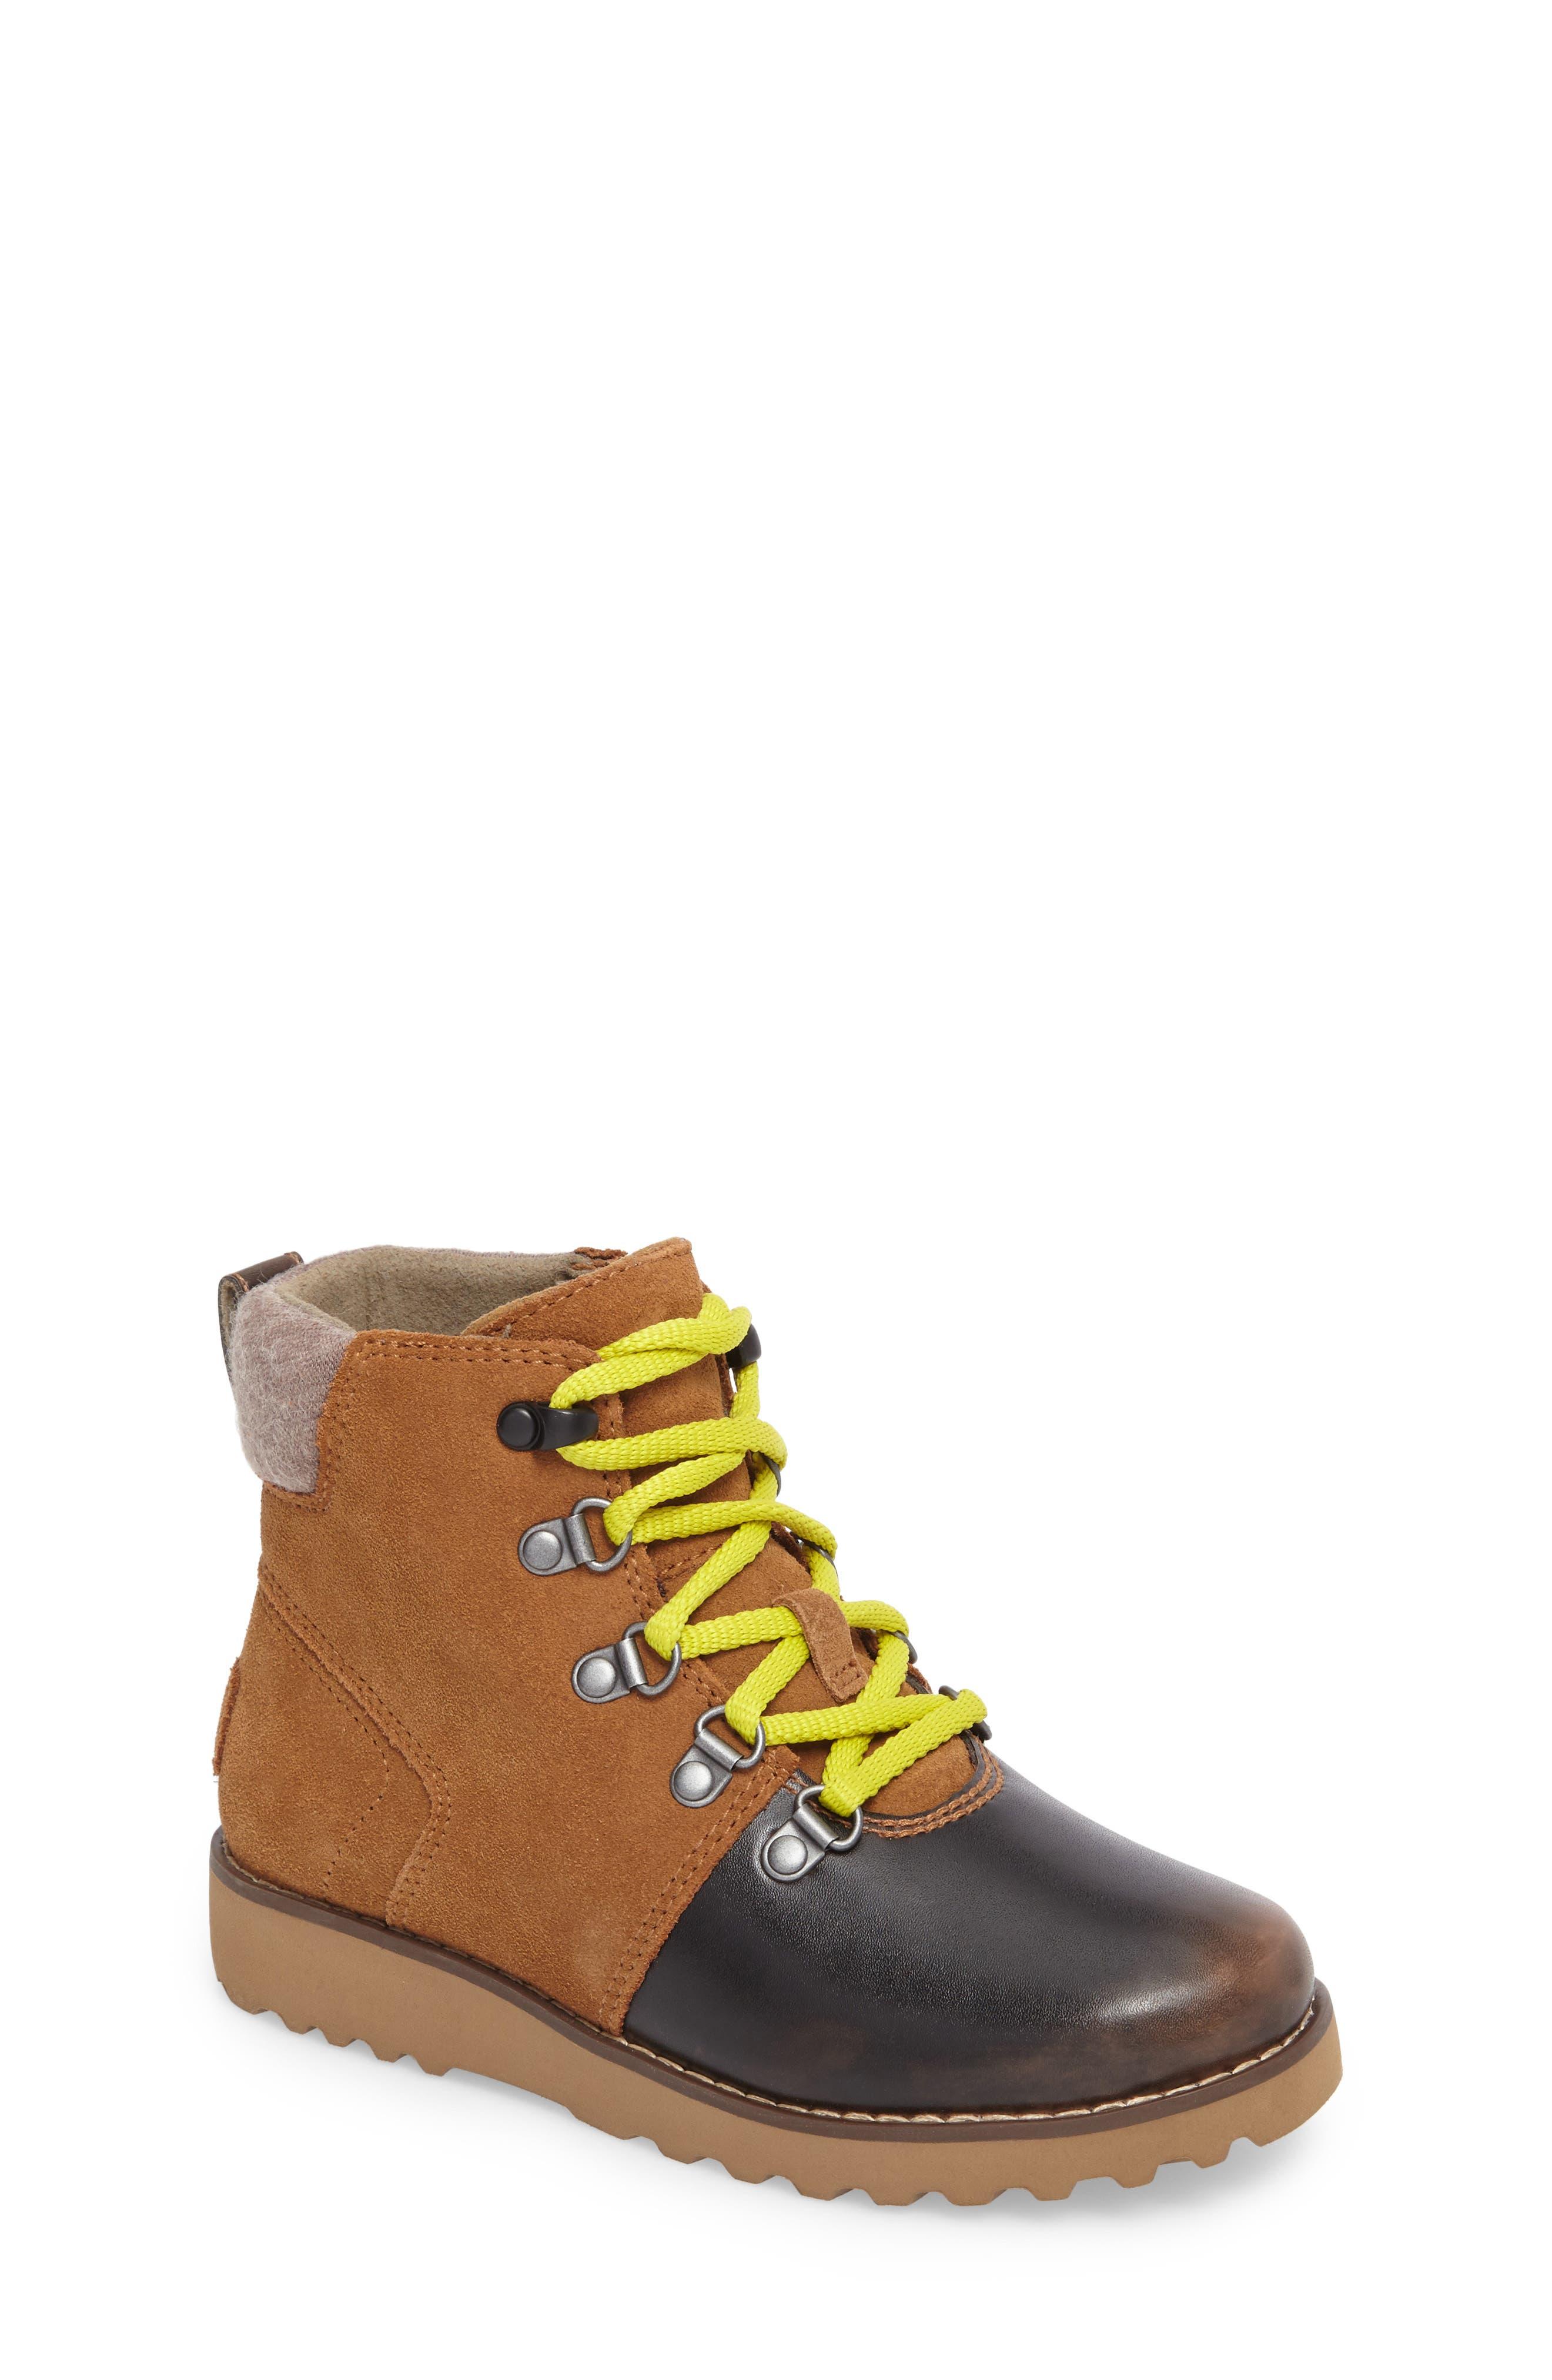 Alternate Image 1 Selected - UGG® Hilmar Waterproof Winter Hiking Boot (Toddler, Little Kid & Big Kid)